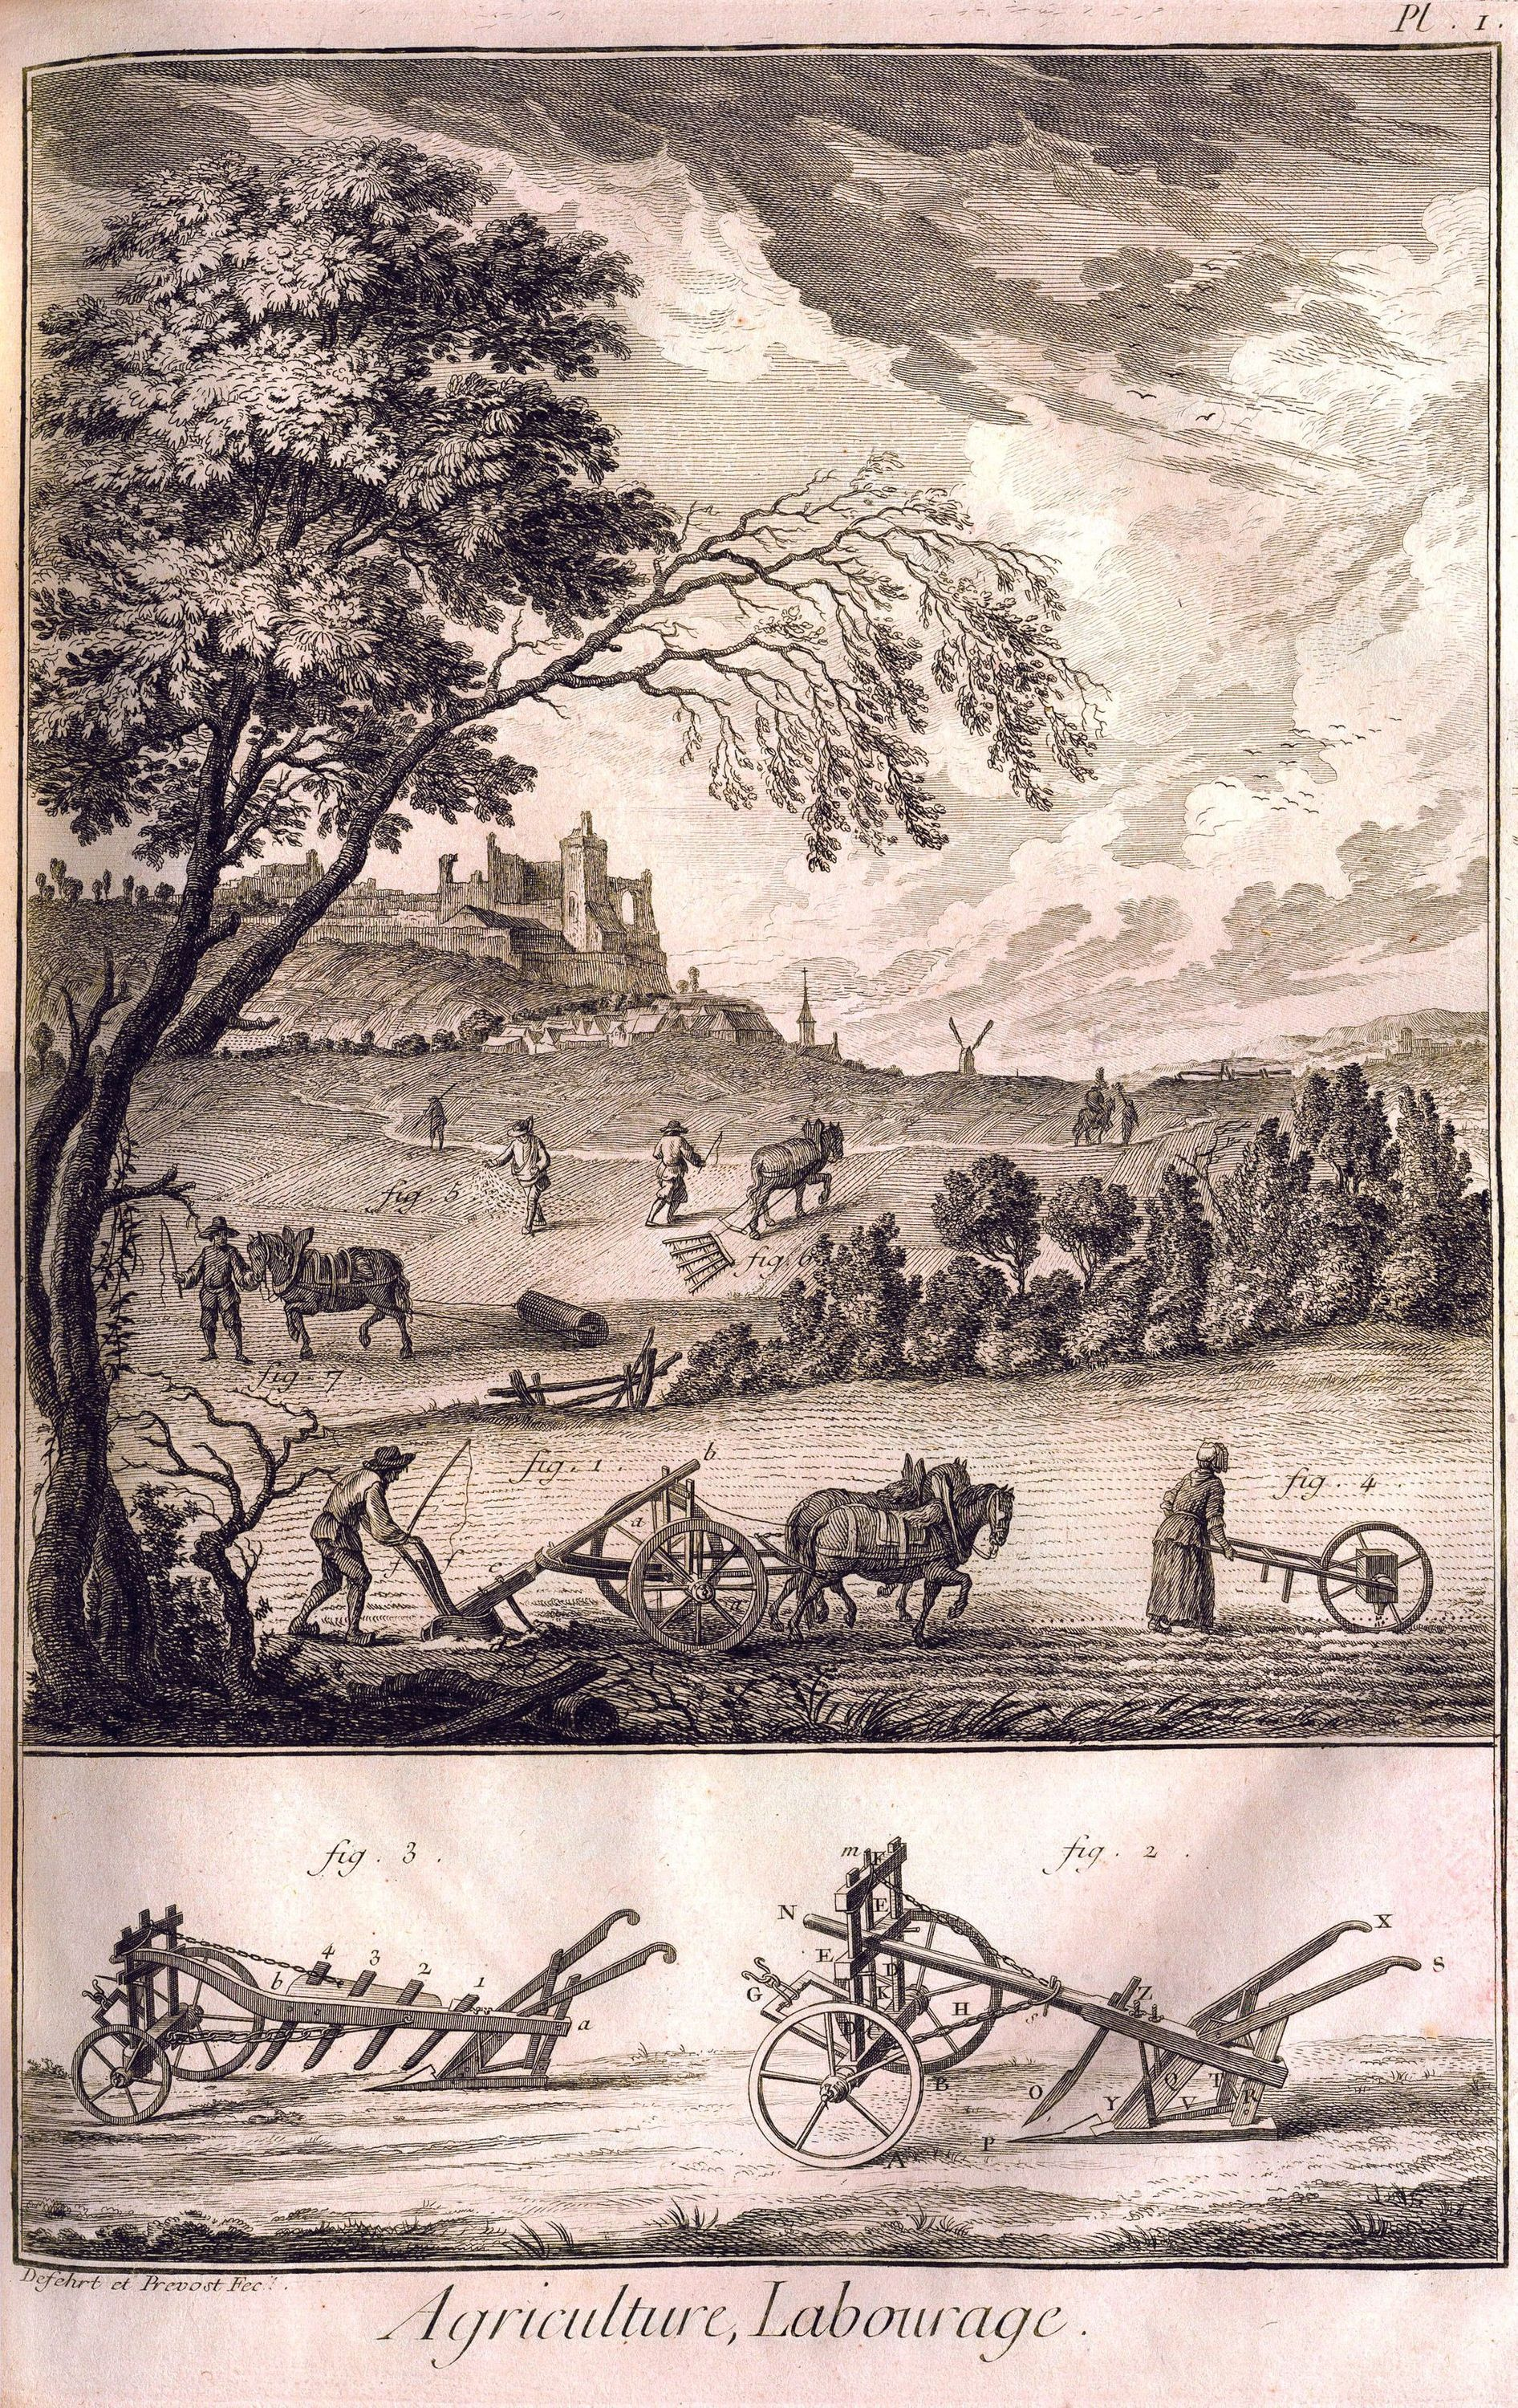 Gravure issue de l'Encyclopédie, 1770, planche agriculture, labourage